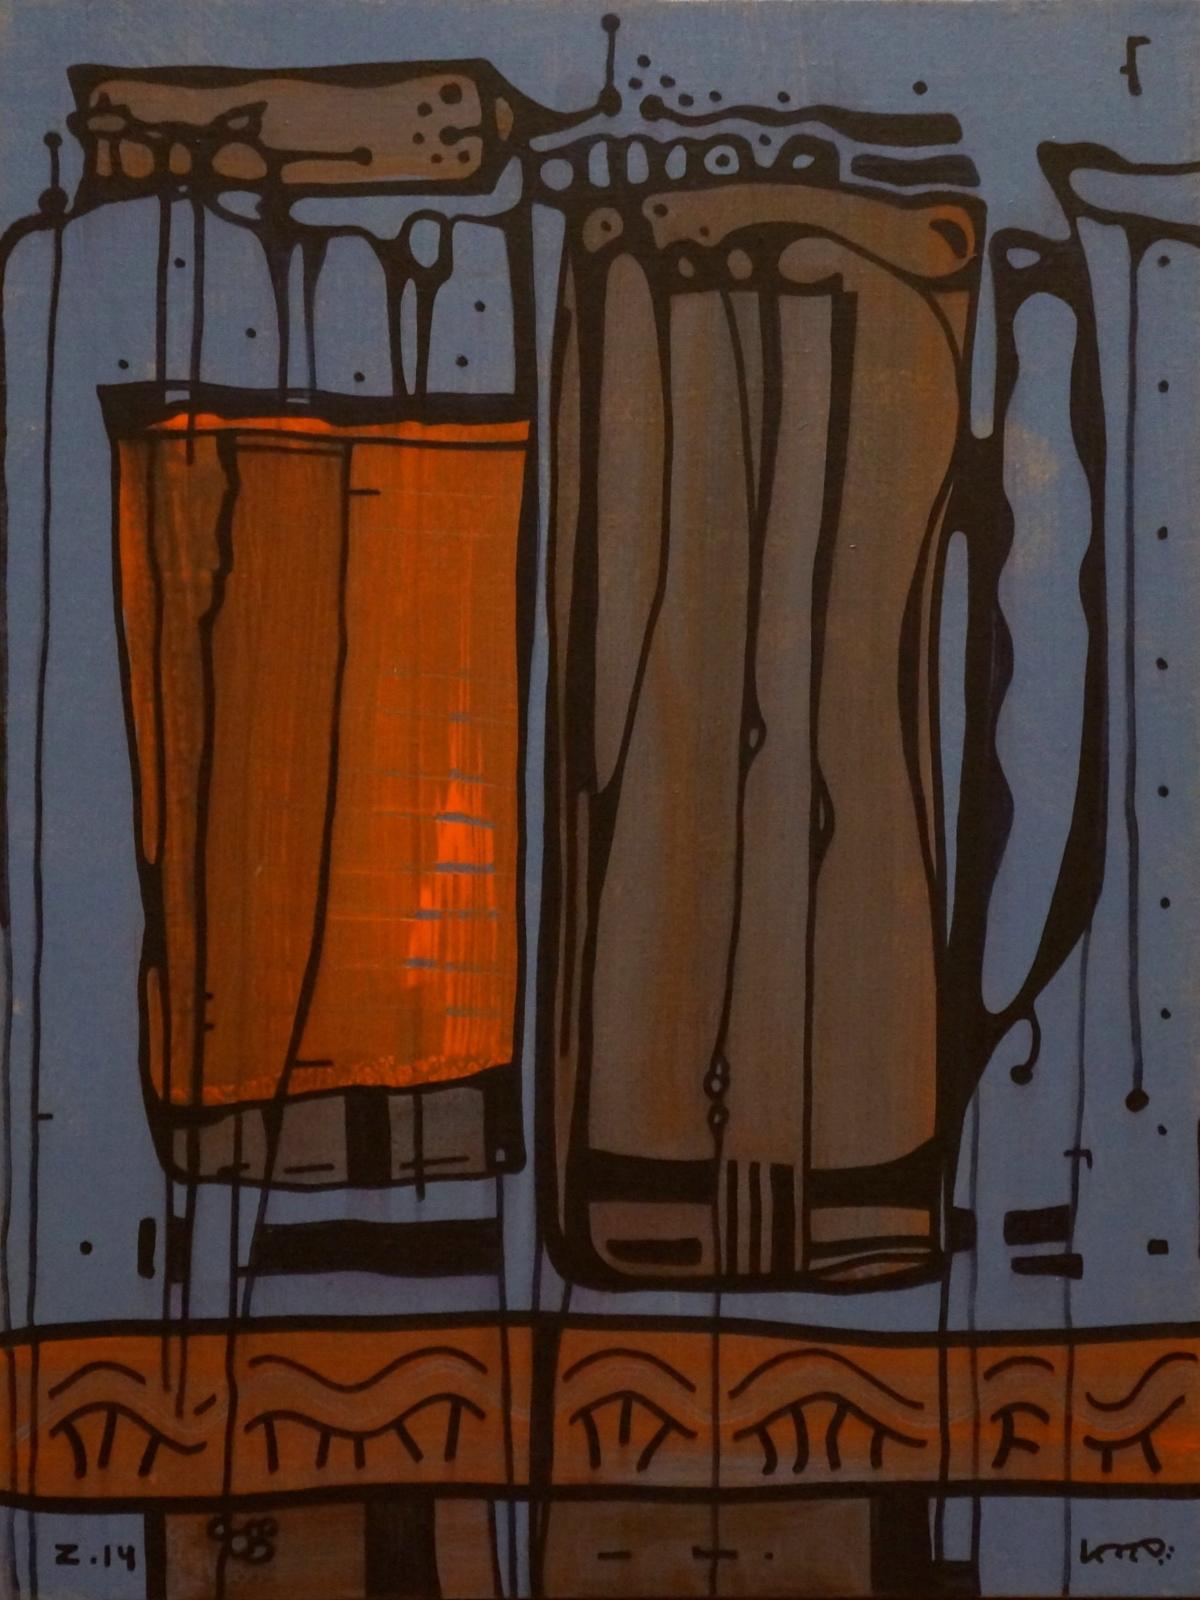 """Ю. Закордонец, """"Натюрморт с кружкой"""", холст, акрил, 80х60 см, 2014 г."""